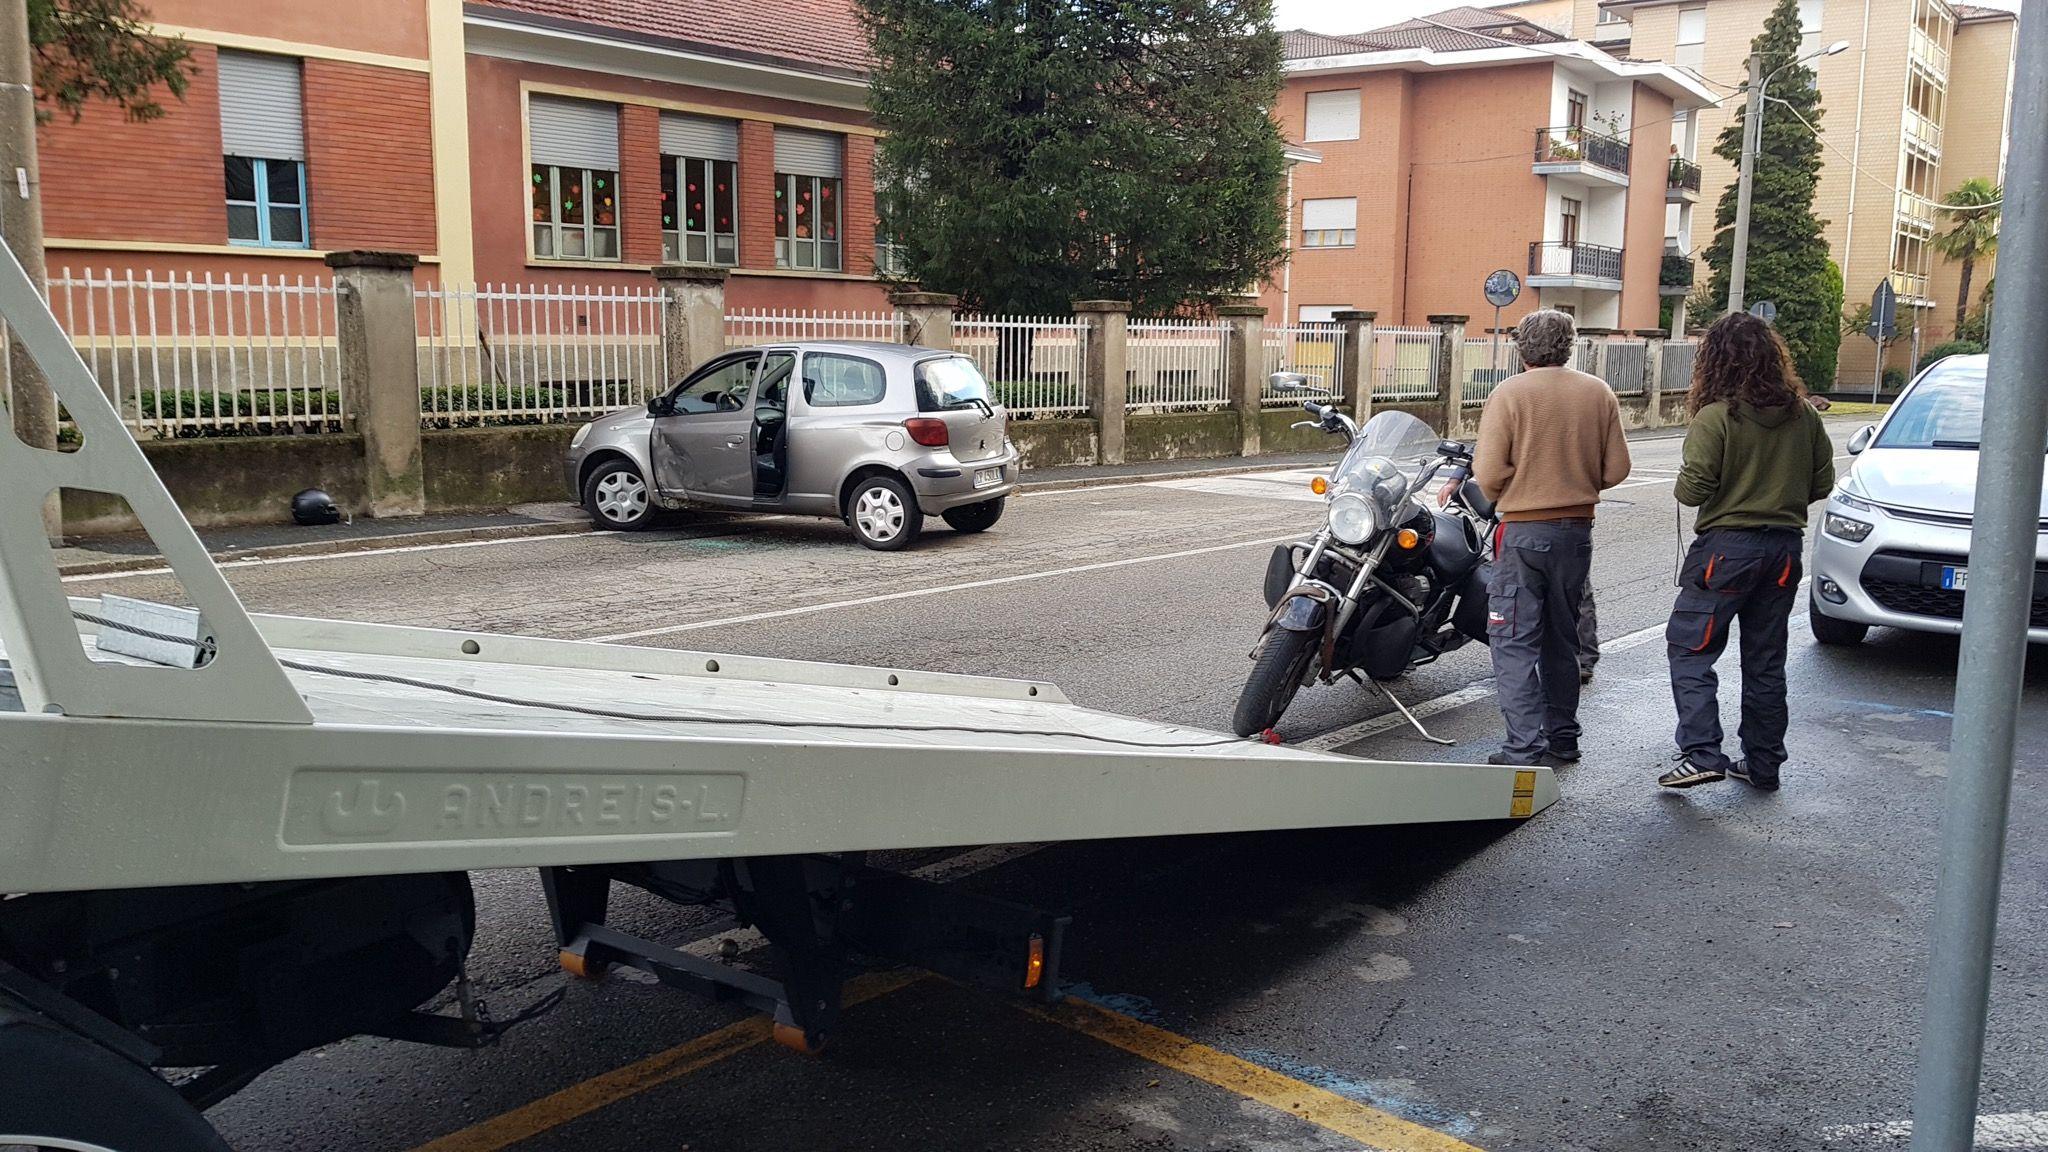 CASTELLAMONTE - Incidente stradale, ferito un motociclista - FOTO